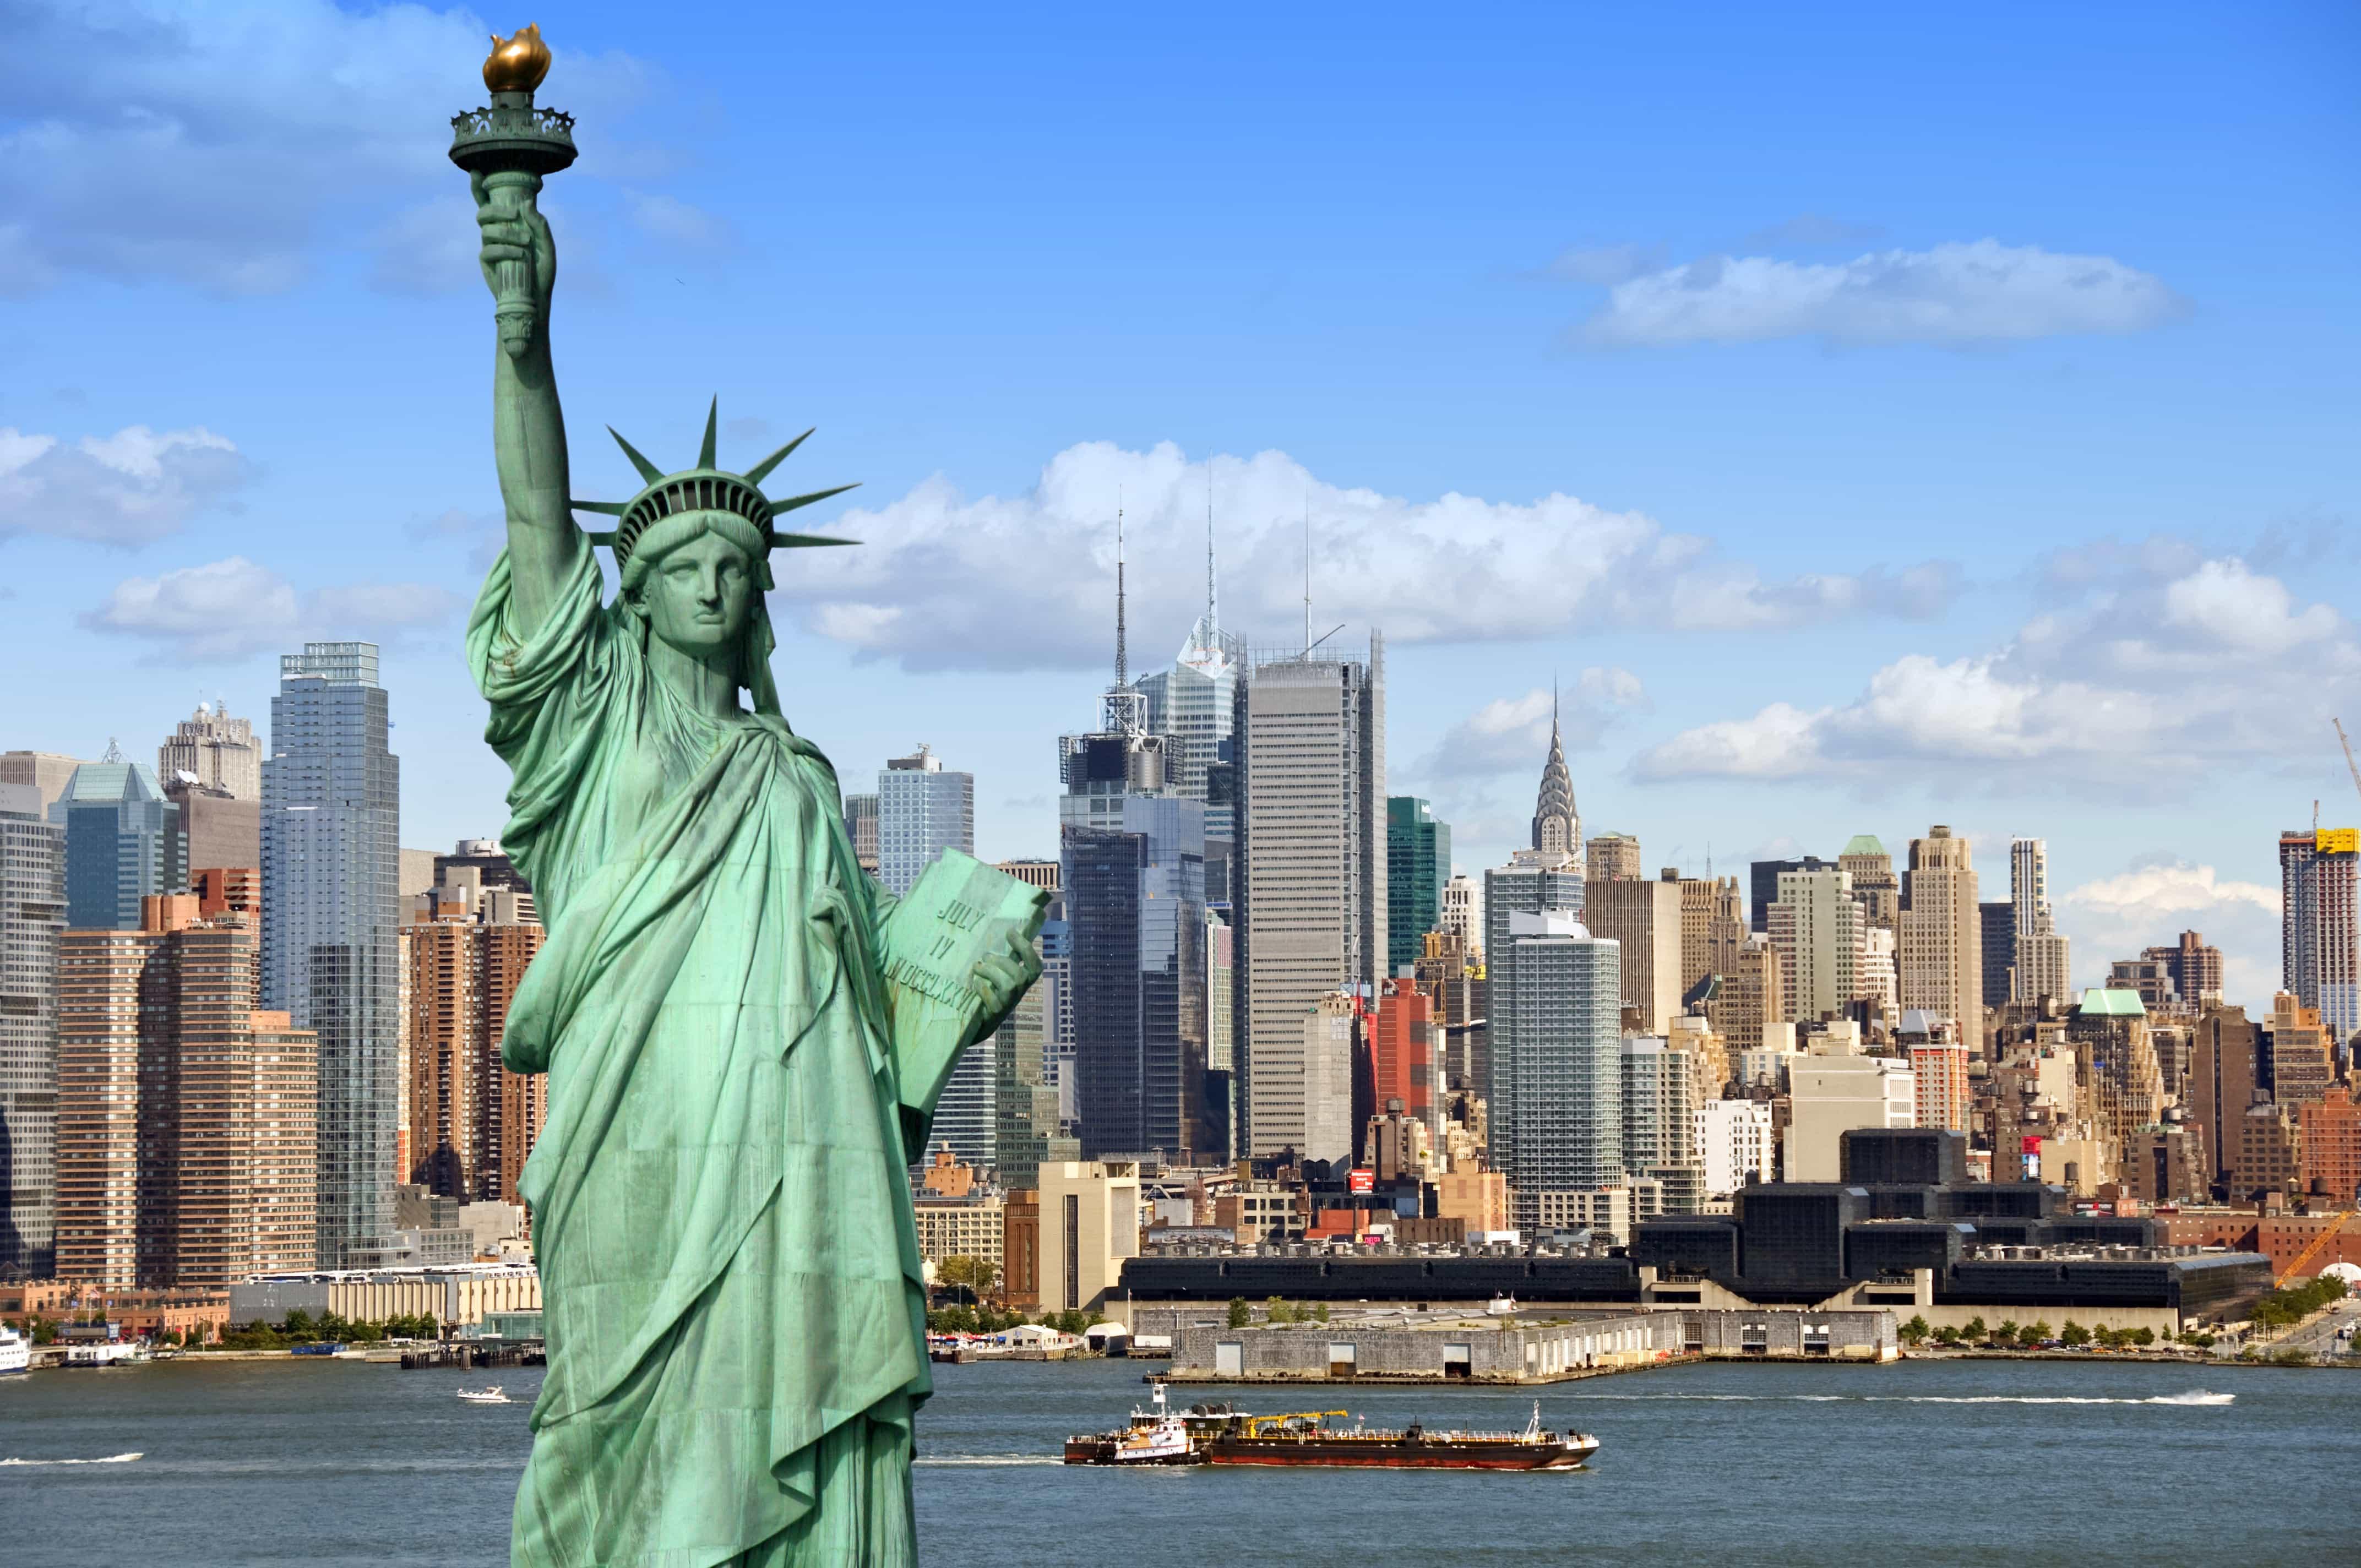 Tour Châu Mỹ - Hành trình khám phá Hoa Kỳ liên tuyến (Đông - Tây) - 10 ngày/ 9 đêm